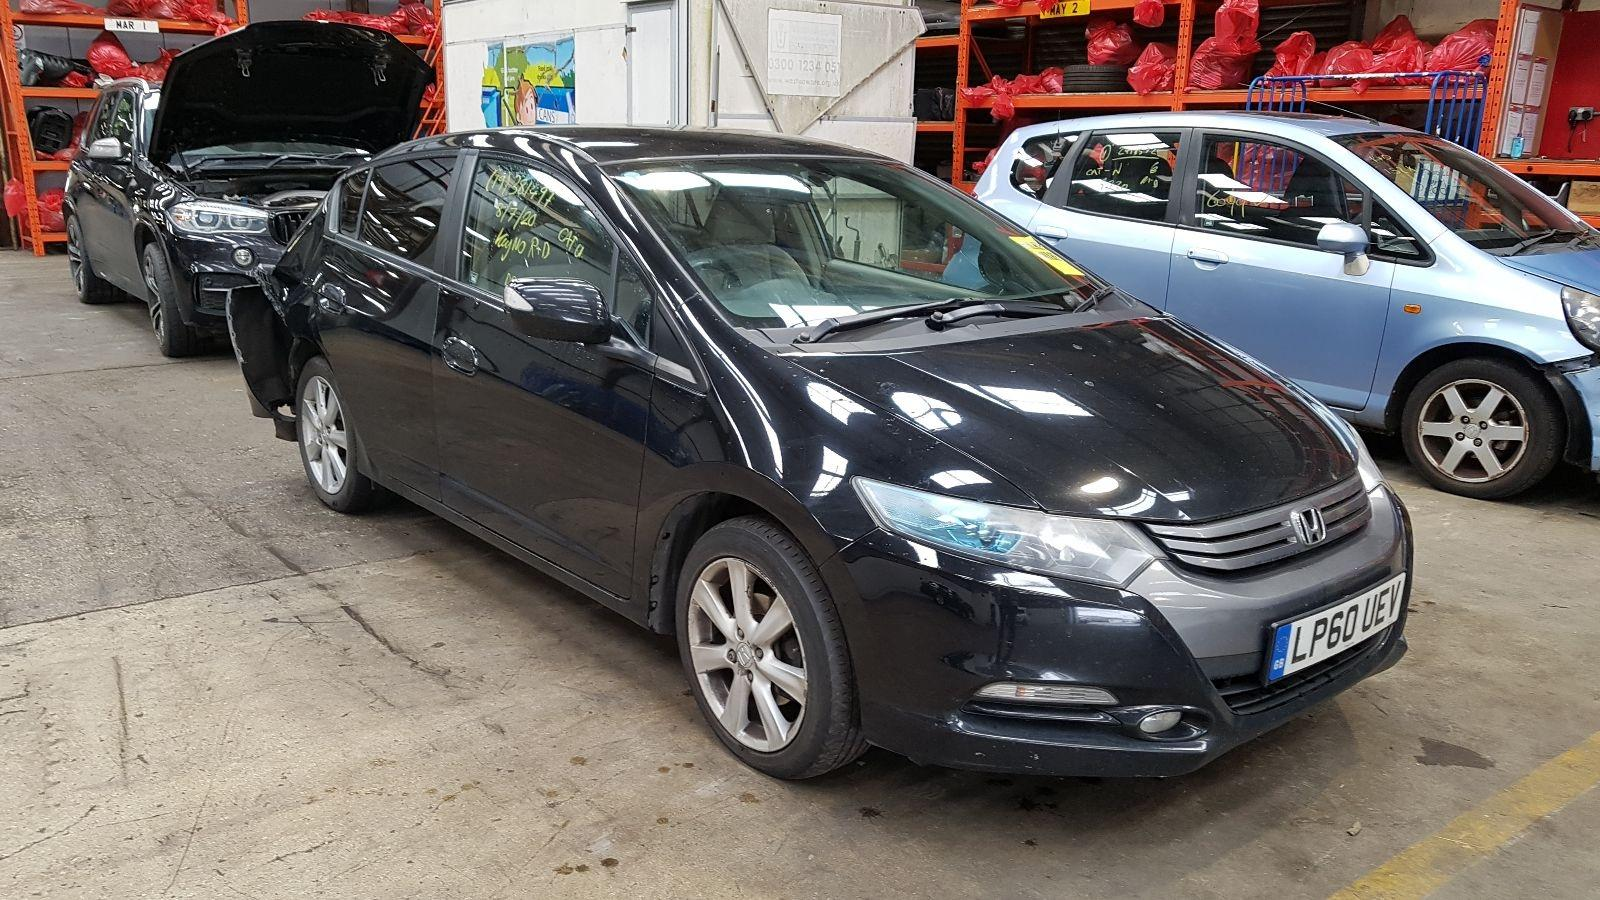 Image for a Honda Insight 2011 5 Door Hatchback